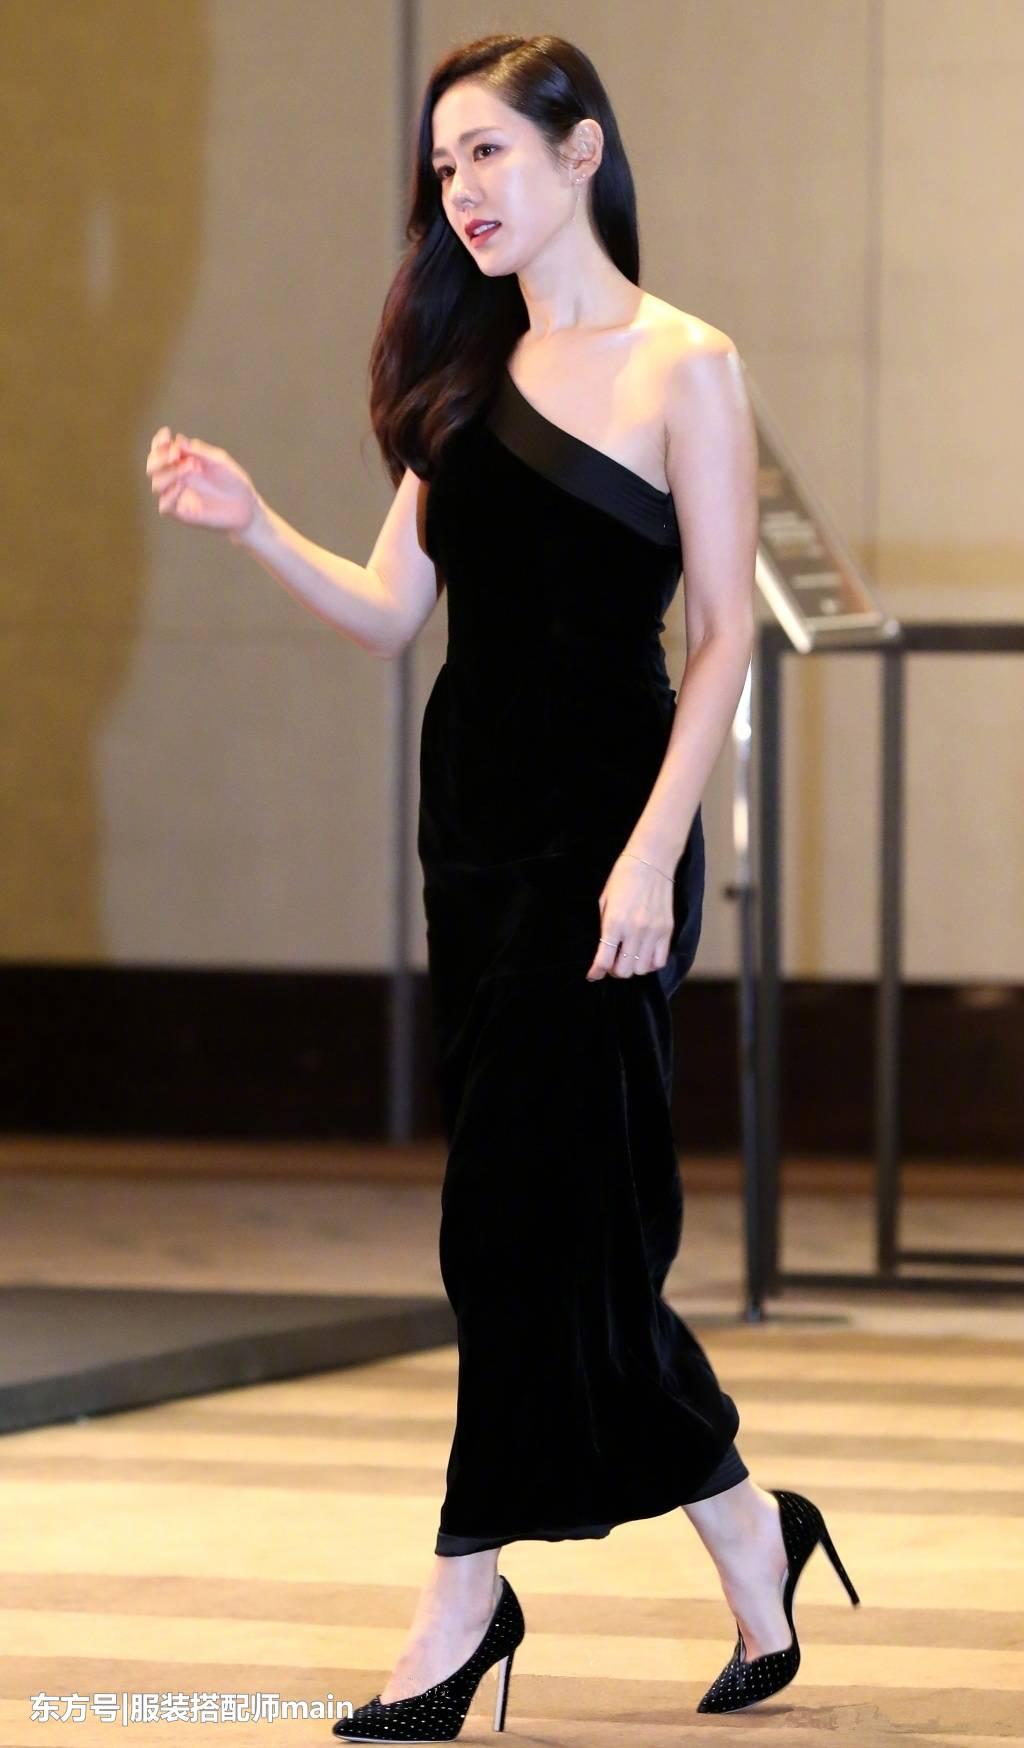 elle viet nam phong cách thời trang son ye jin 2